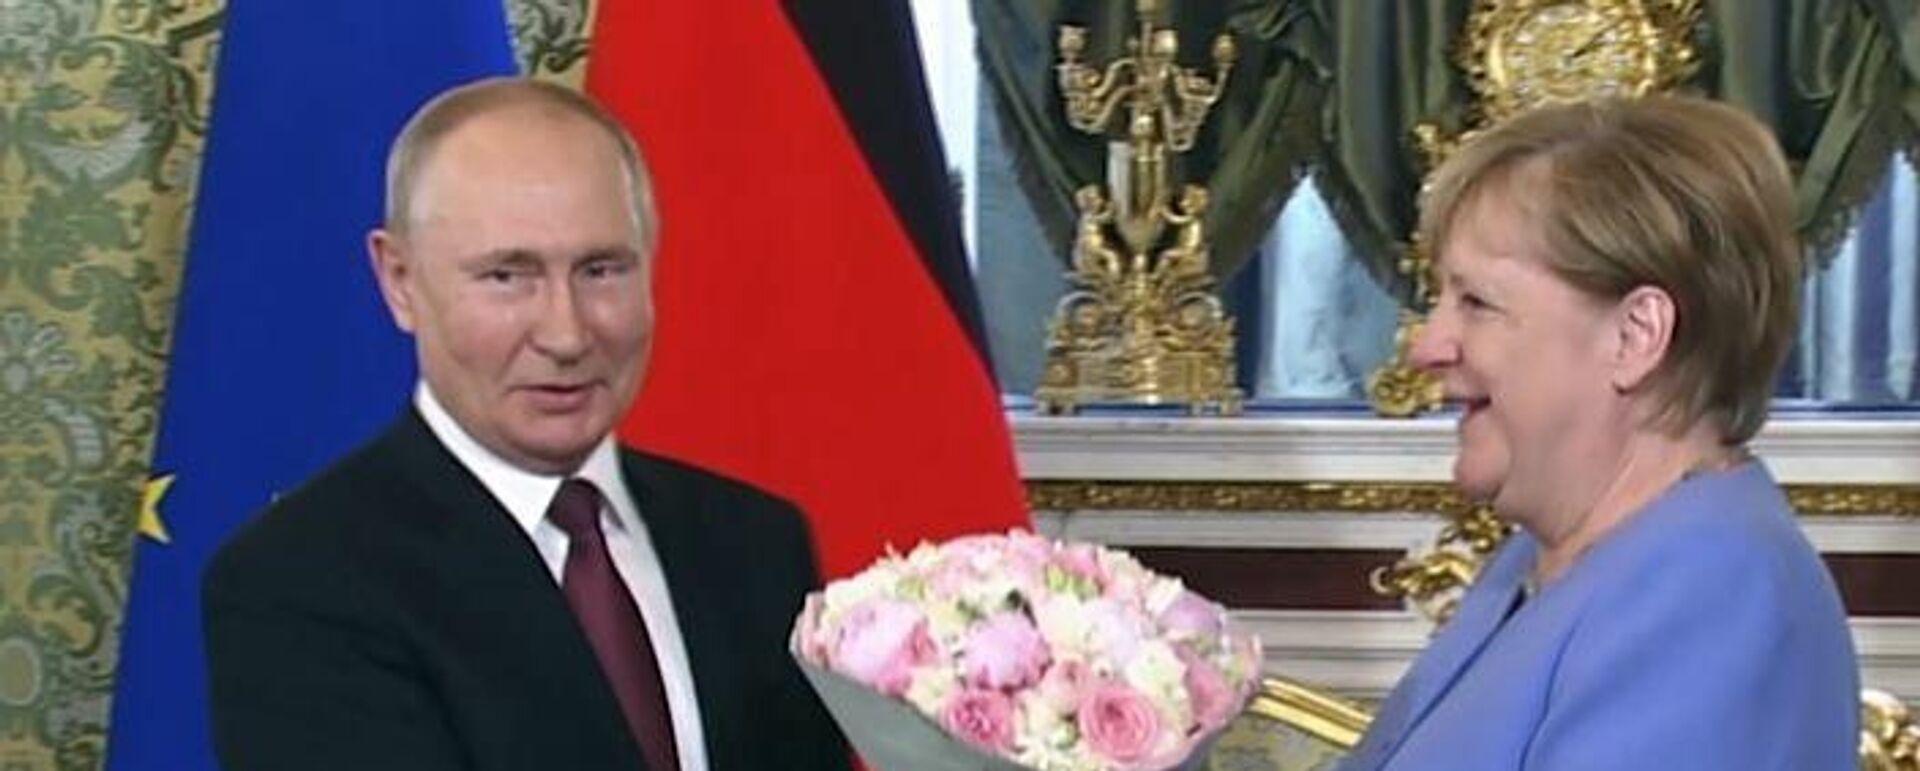 Με λουλούδια υποδέχθηκε ο Βλαντίμιρ Πούτιν την Άνγκελα Μέρκελ - Sputnik Ελλάδα, 1920, 20.08.2021